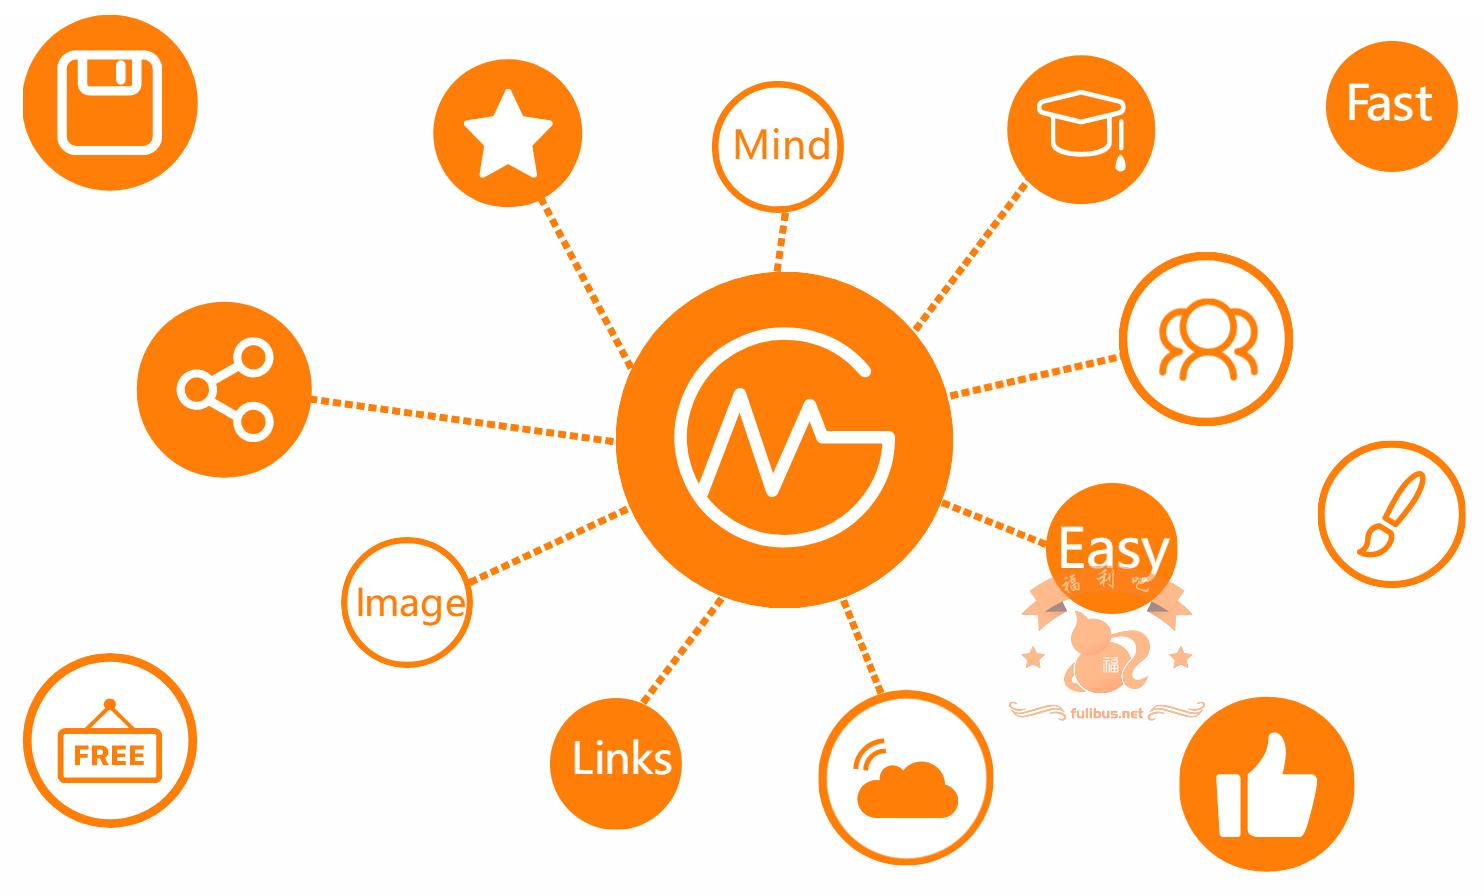 趣味网站分享第九期:纸迷宫生成/Walkman40周年/视频解析/猫咪写作/计算专家/文叔叔文件传输 WordPress 第9张